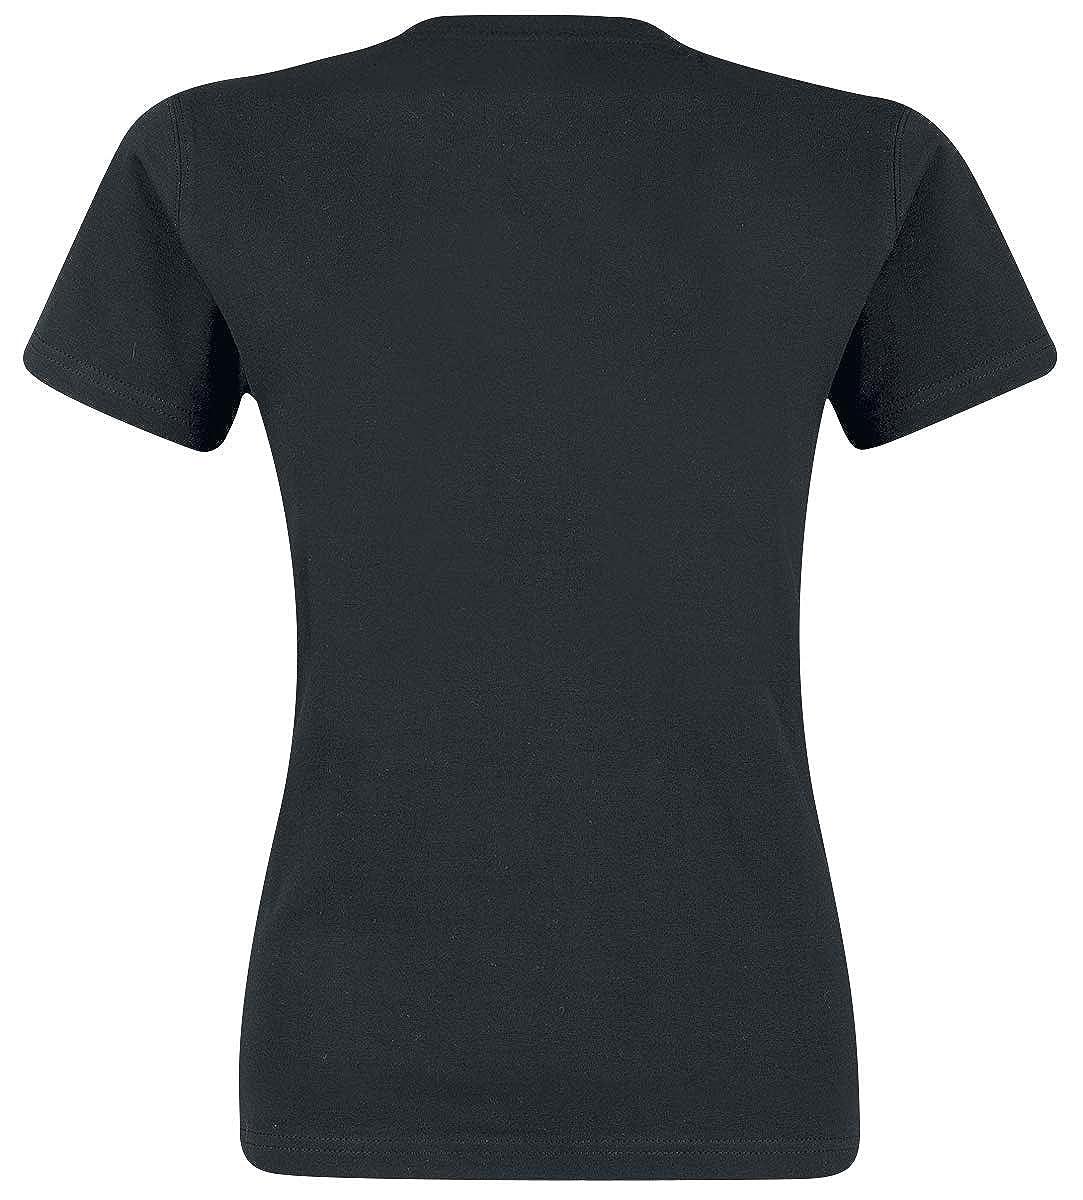 Memo an mich T-Shirt schwarz